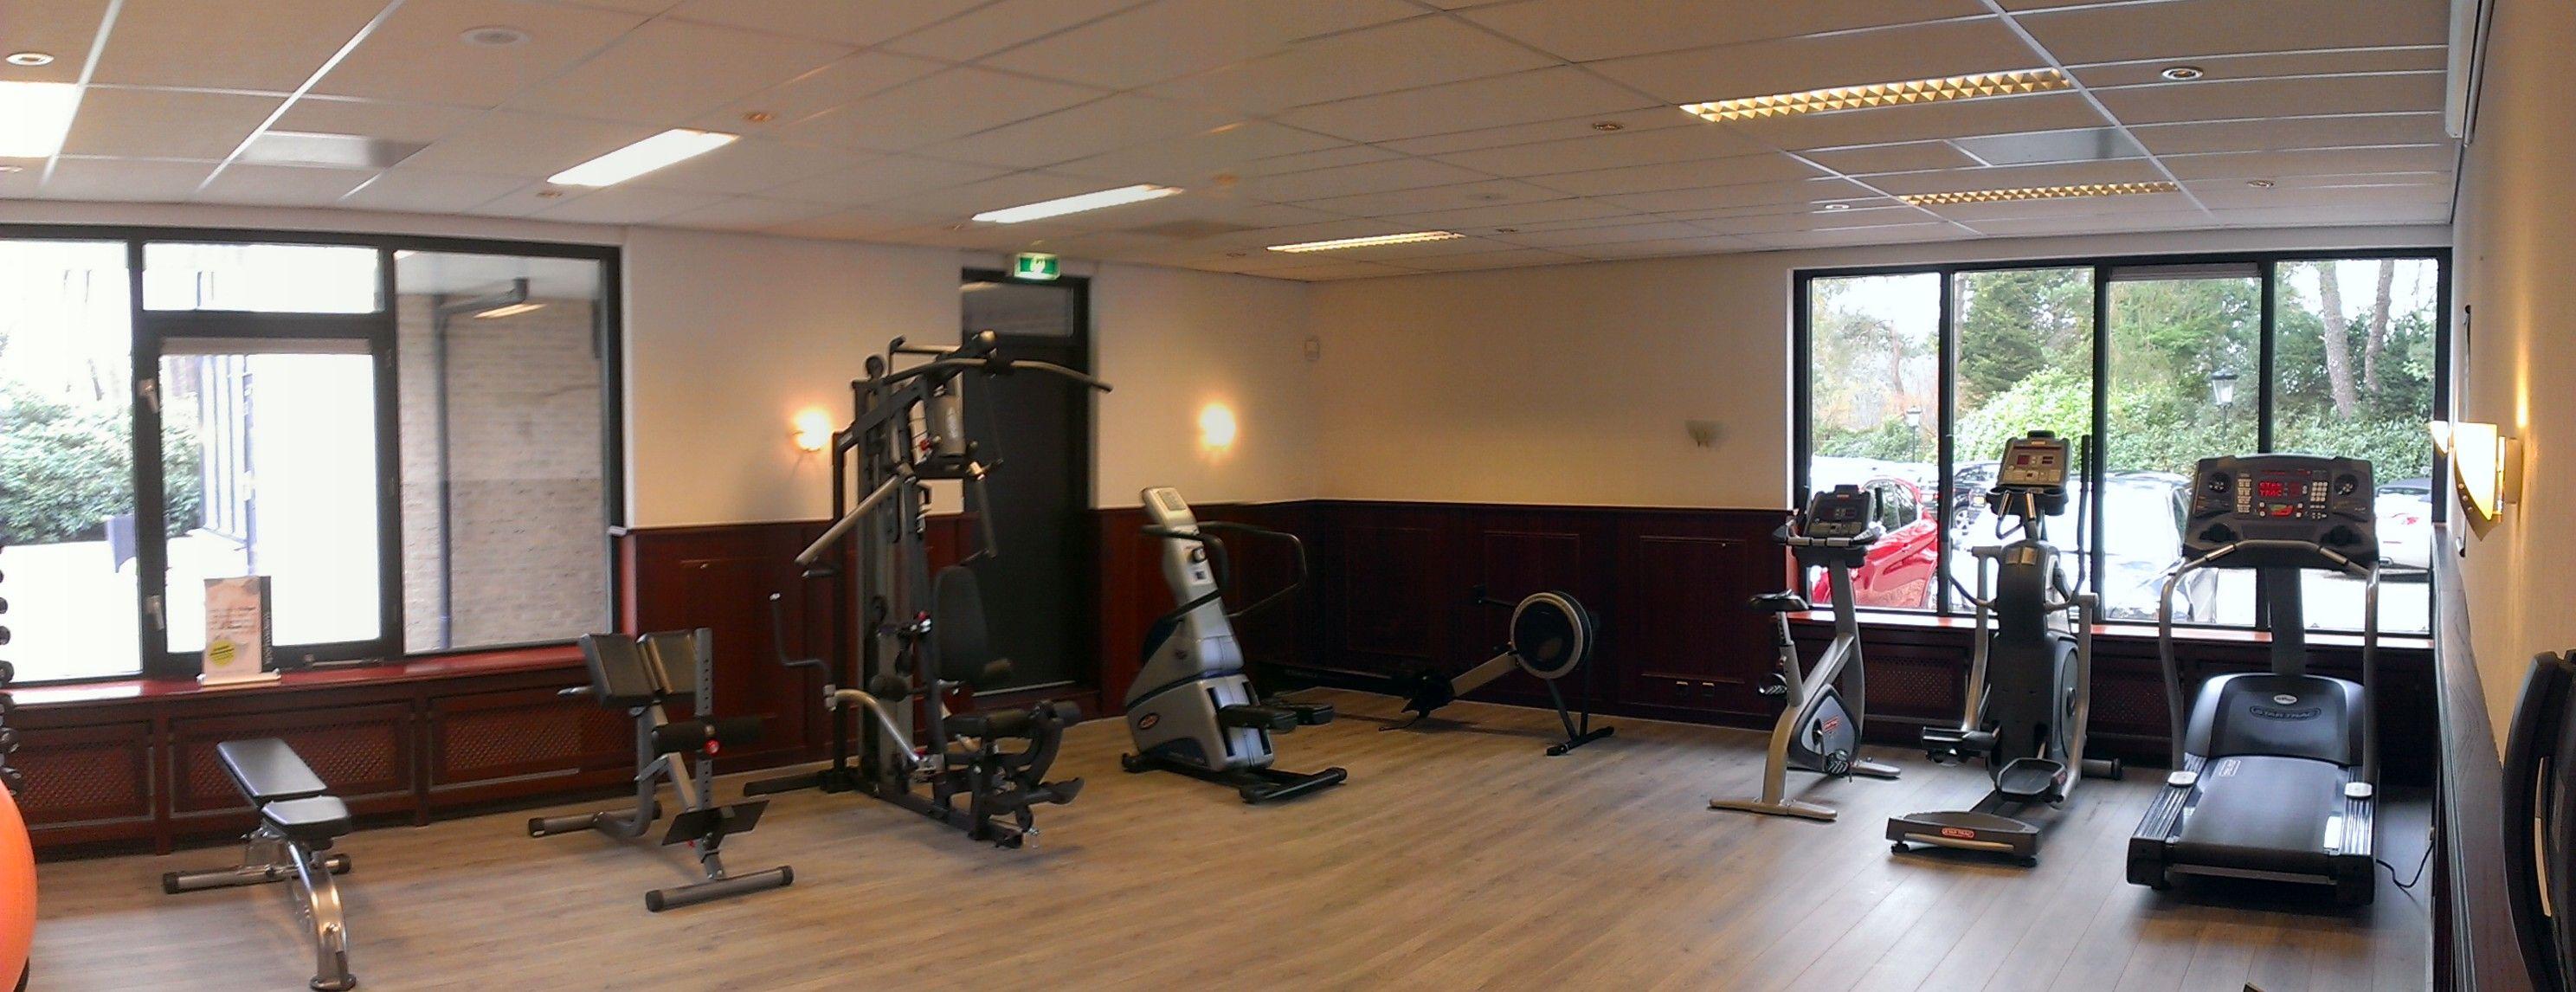 edda-huzid-fitness-3